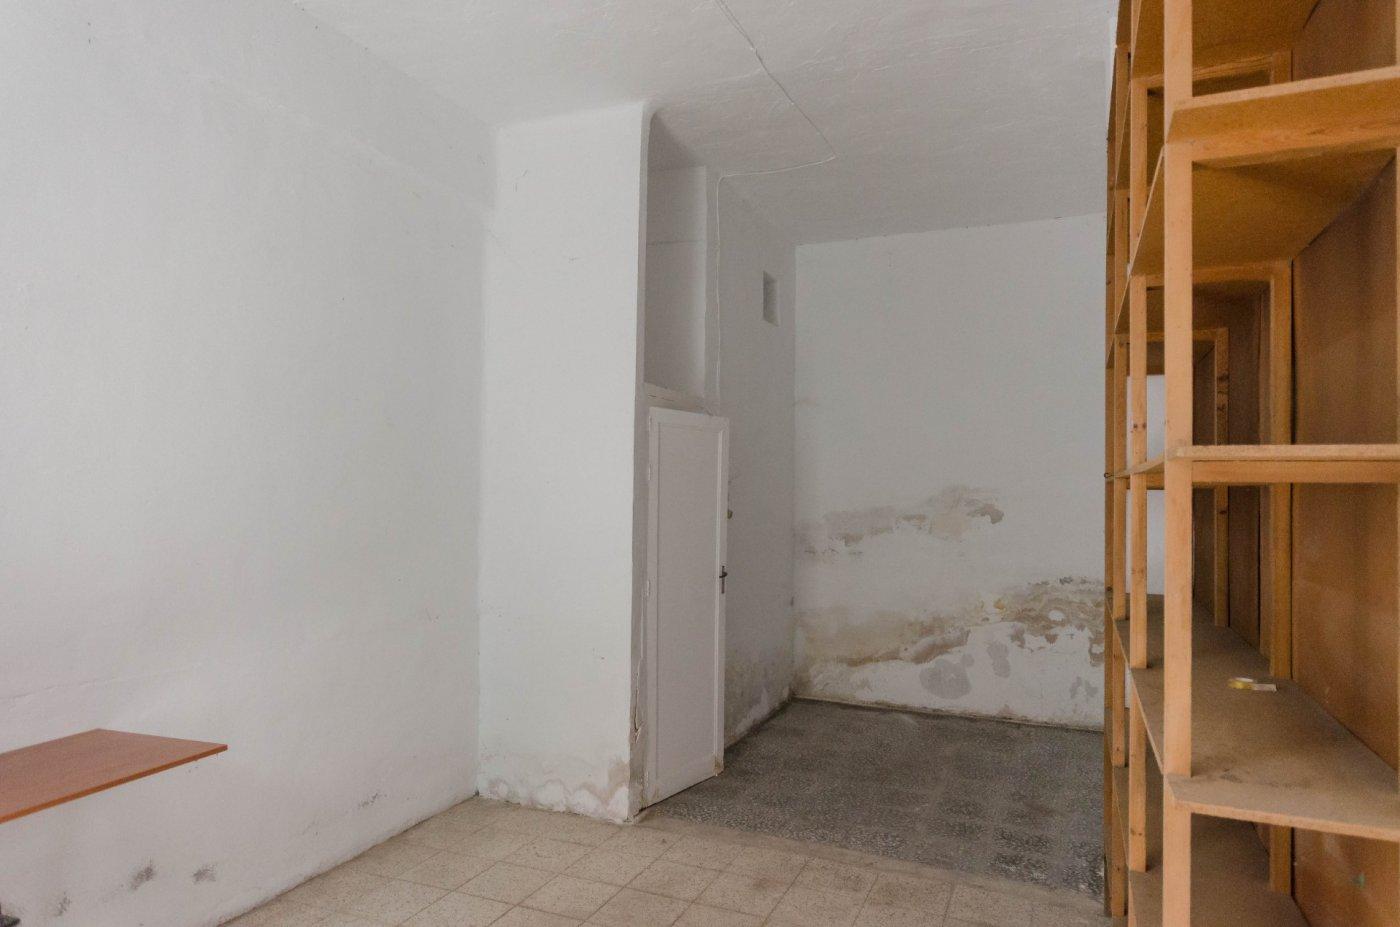 Venta de garaje en murcia - imagenInmueble5